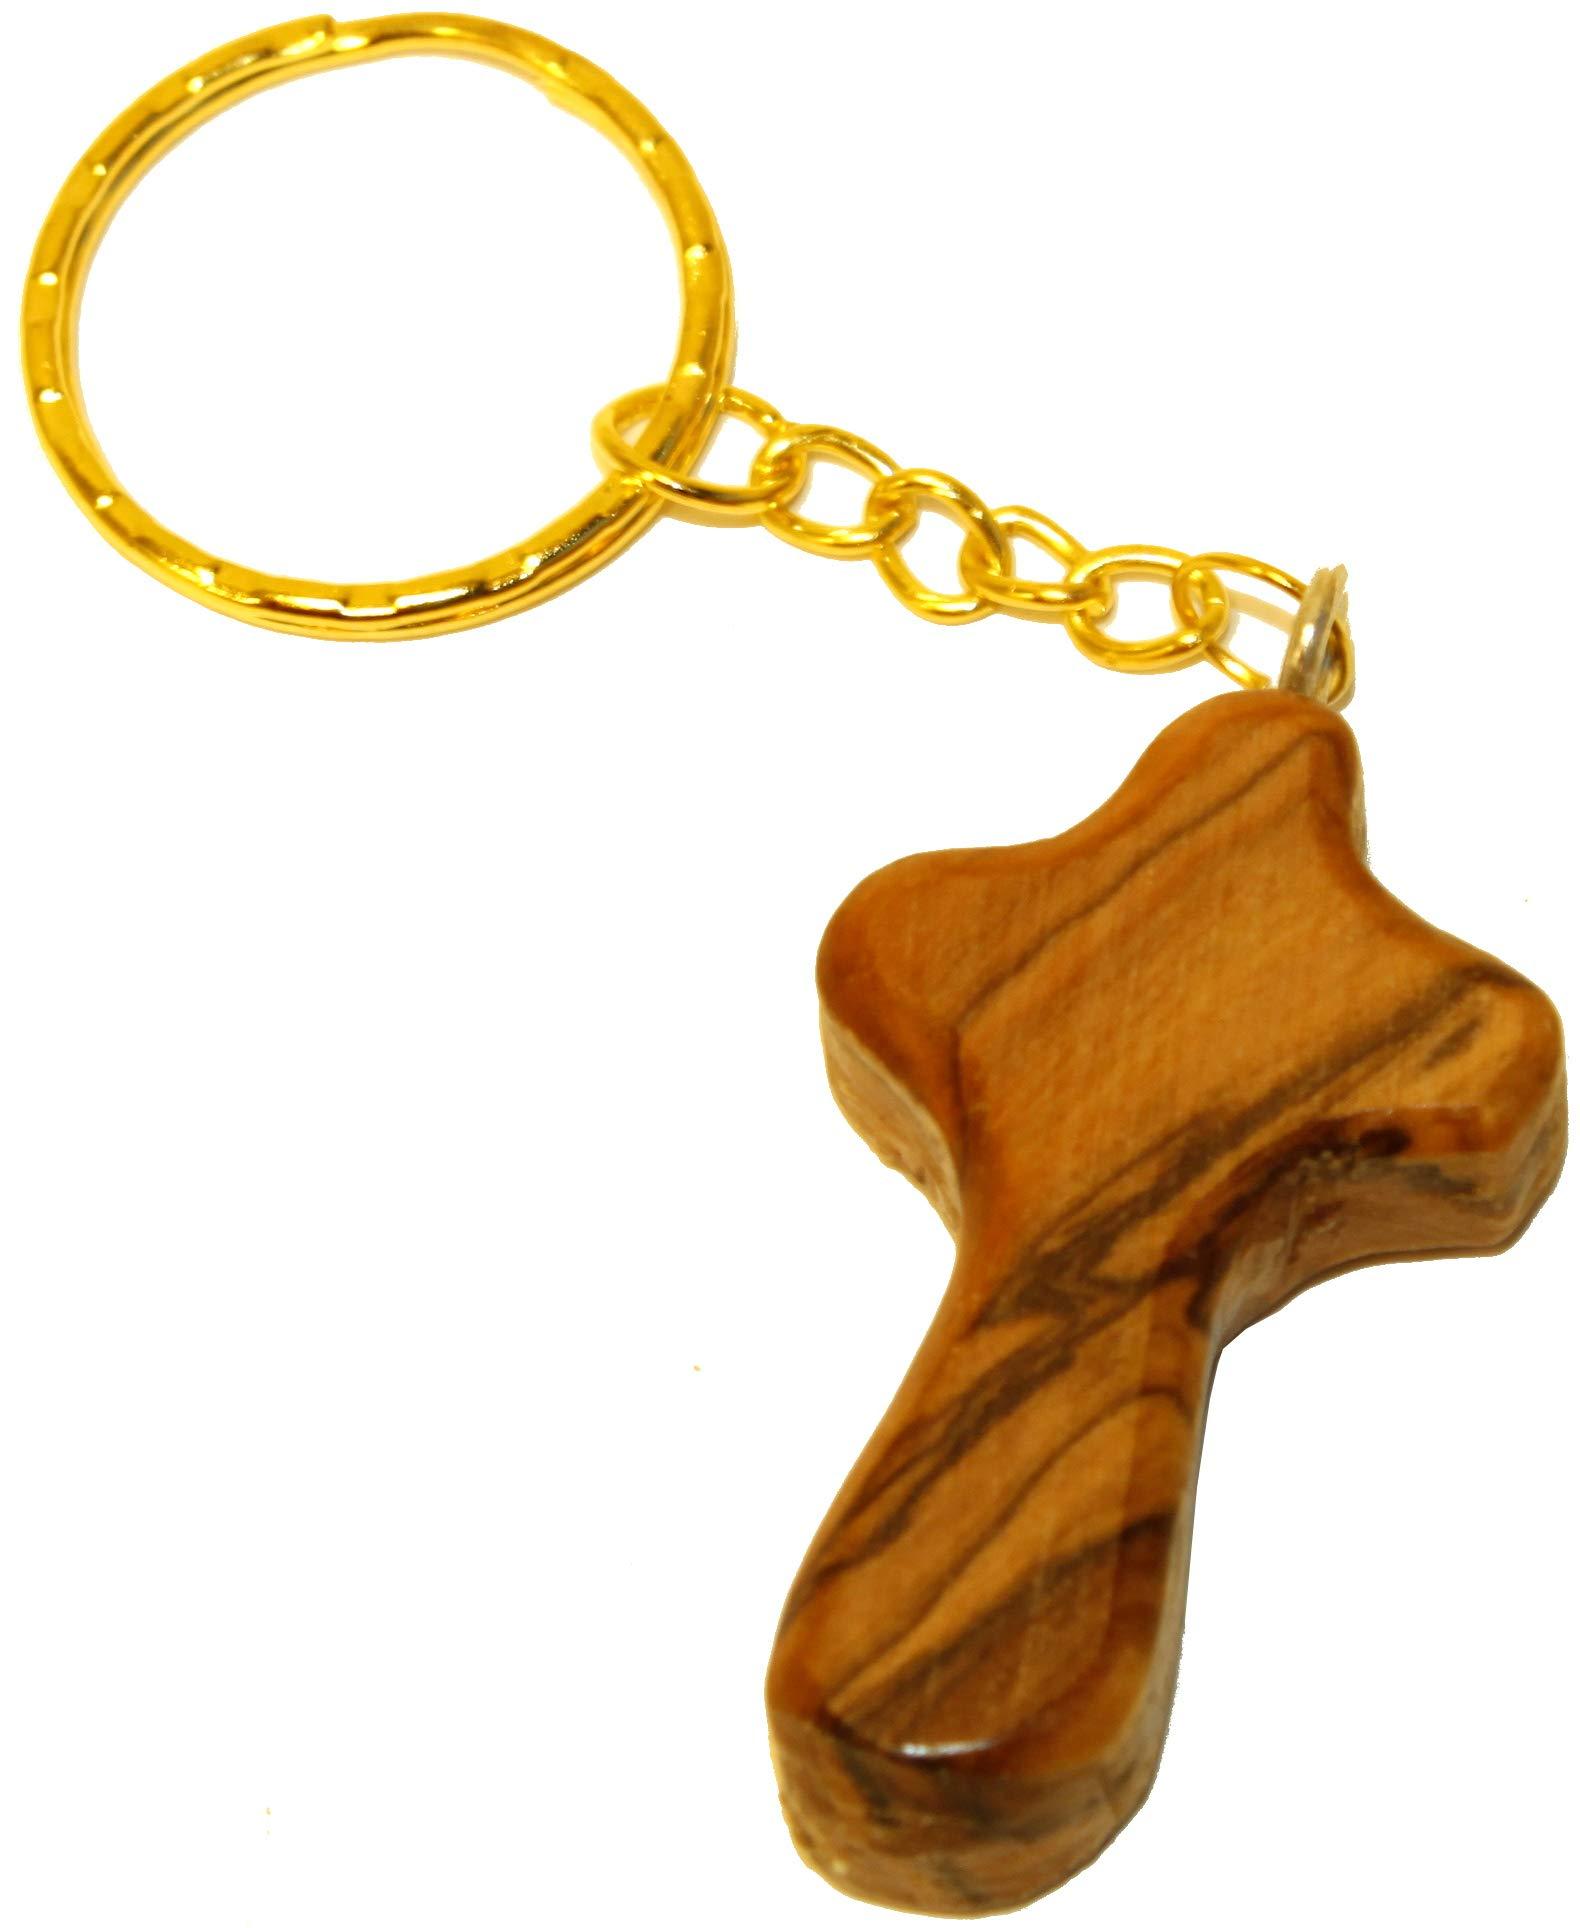 3.8cm cm or 1.5 Holy Land Market Elephant Olive Wood Keys Chain